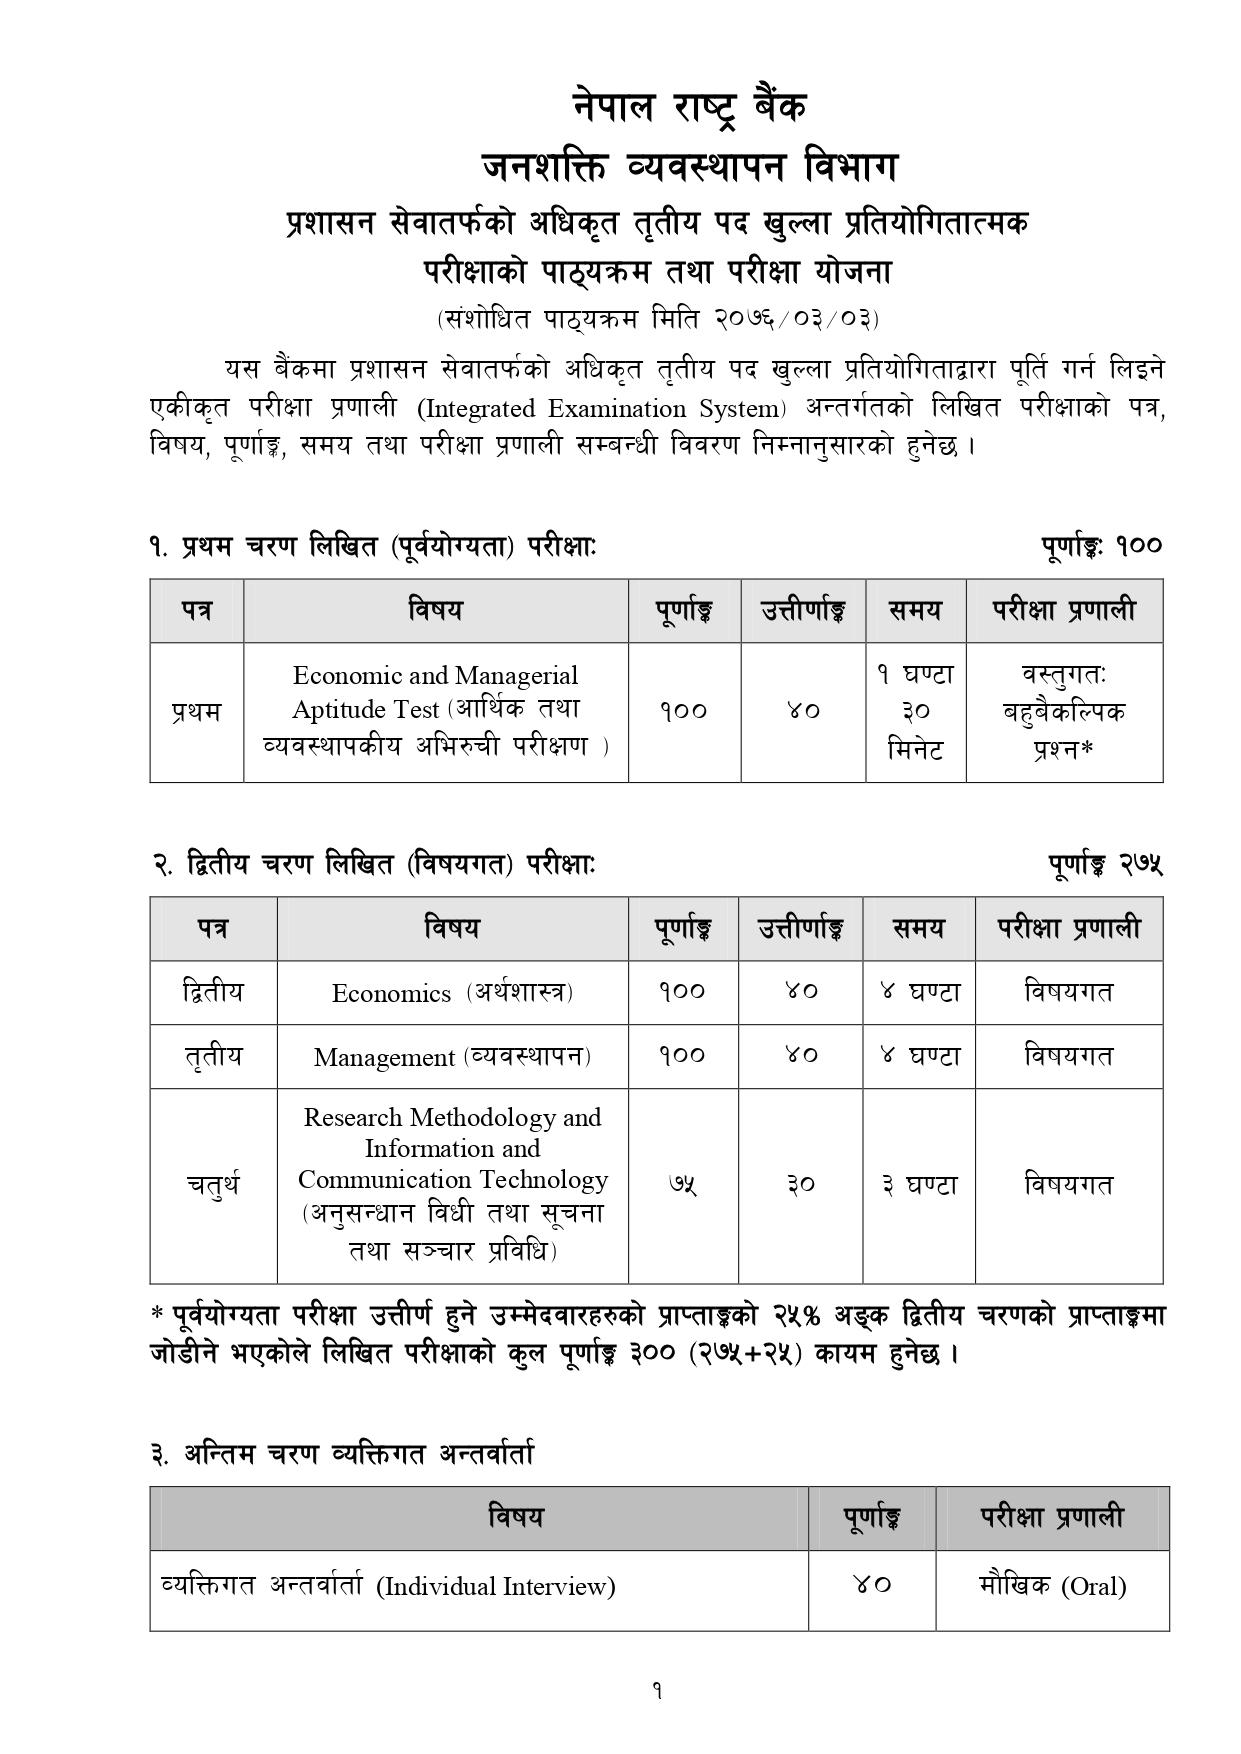 Nepal-Rastra-Bank-NRB-Officer-Third-Level-Adhikrit-Tritiya-Syllabus